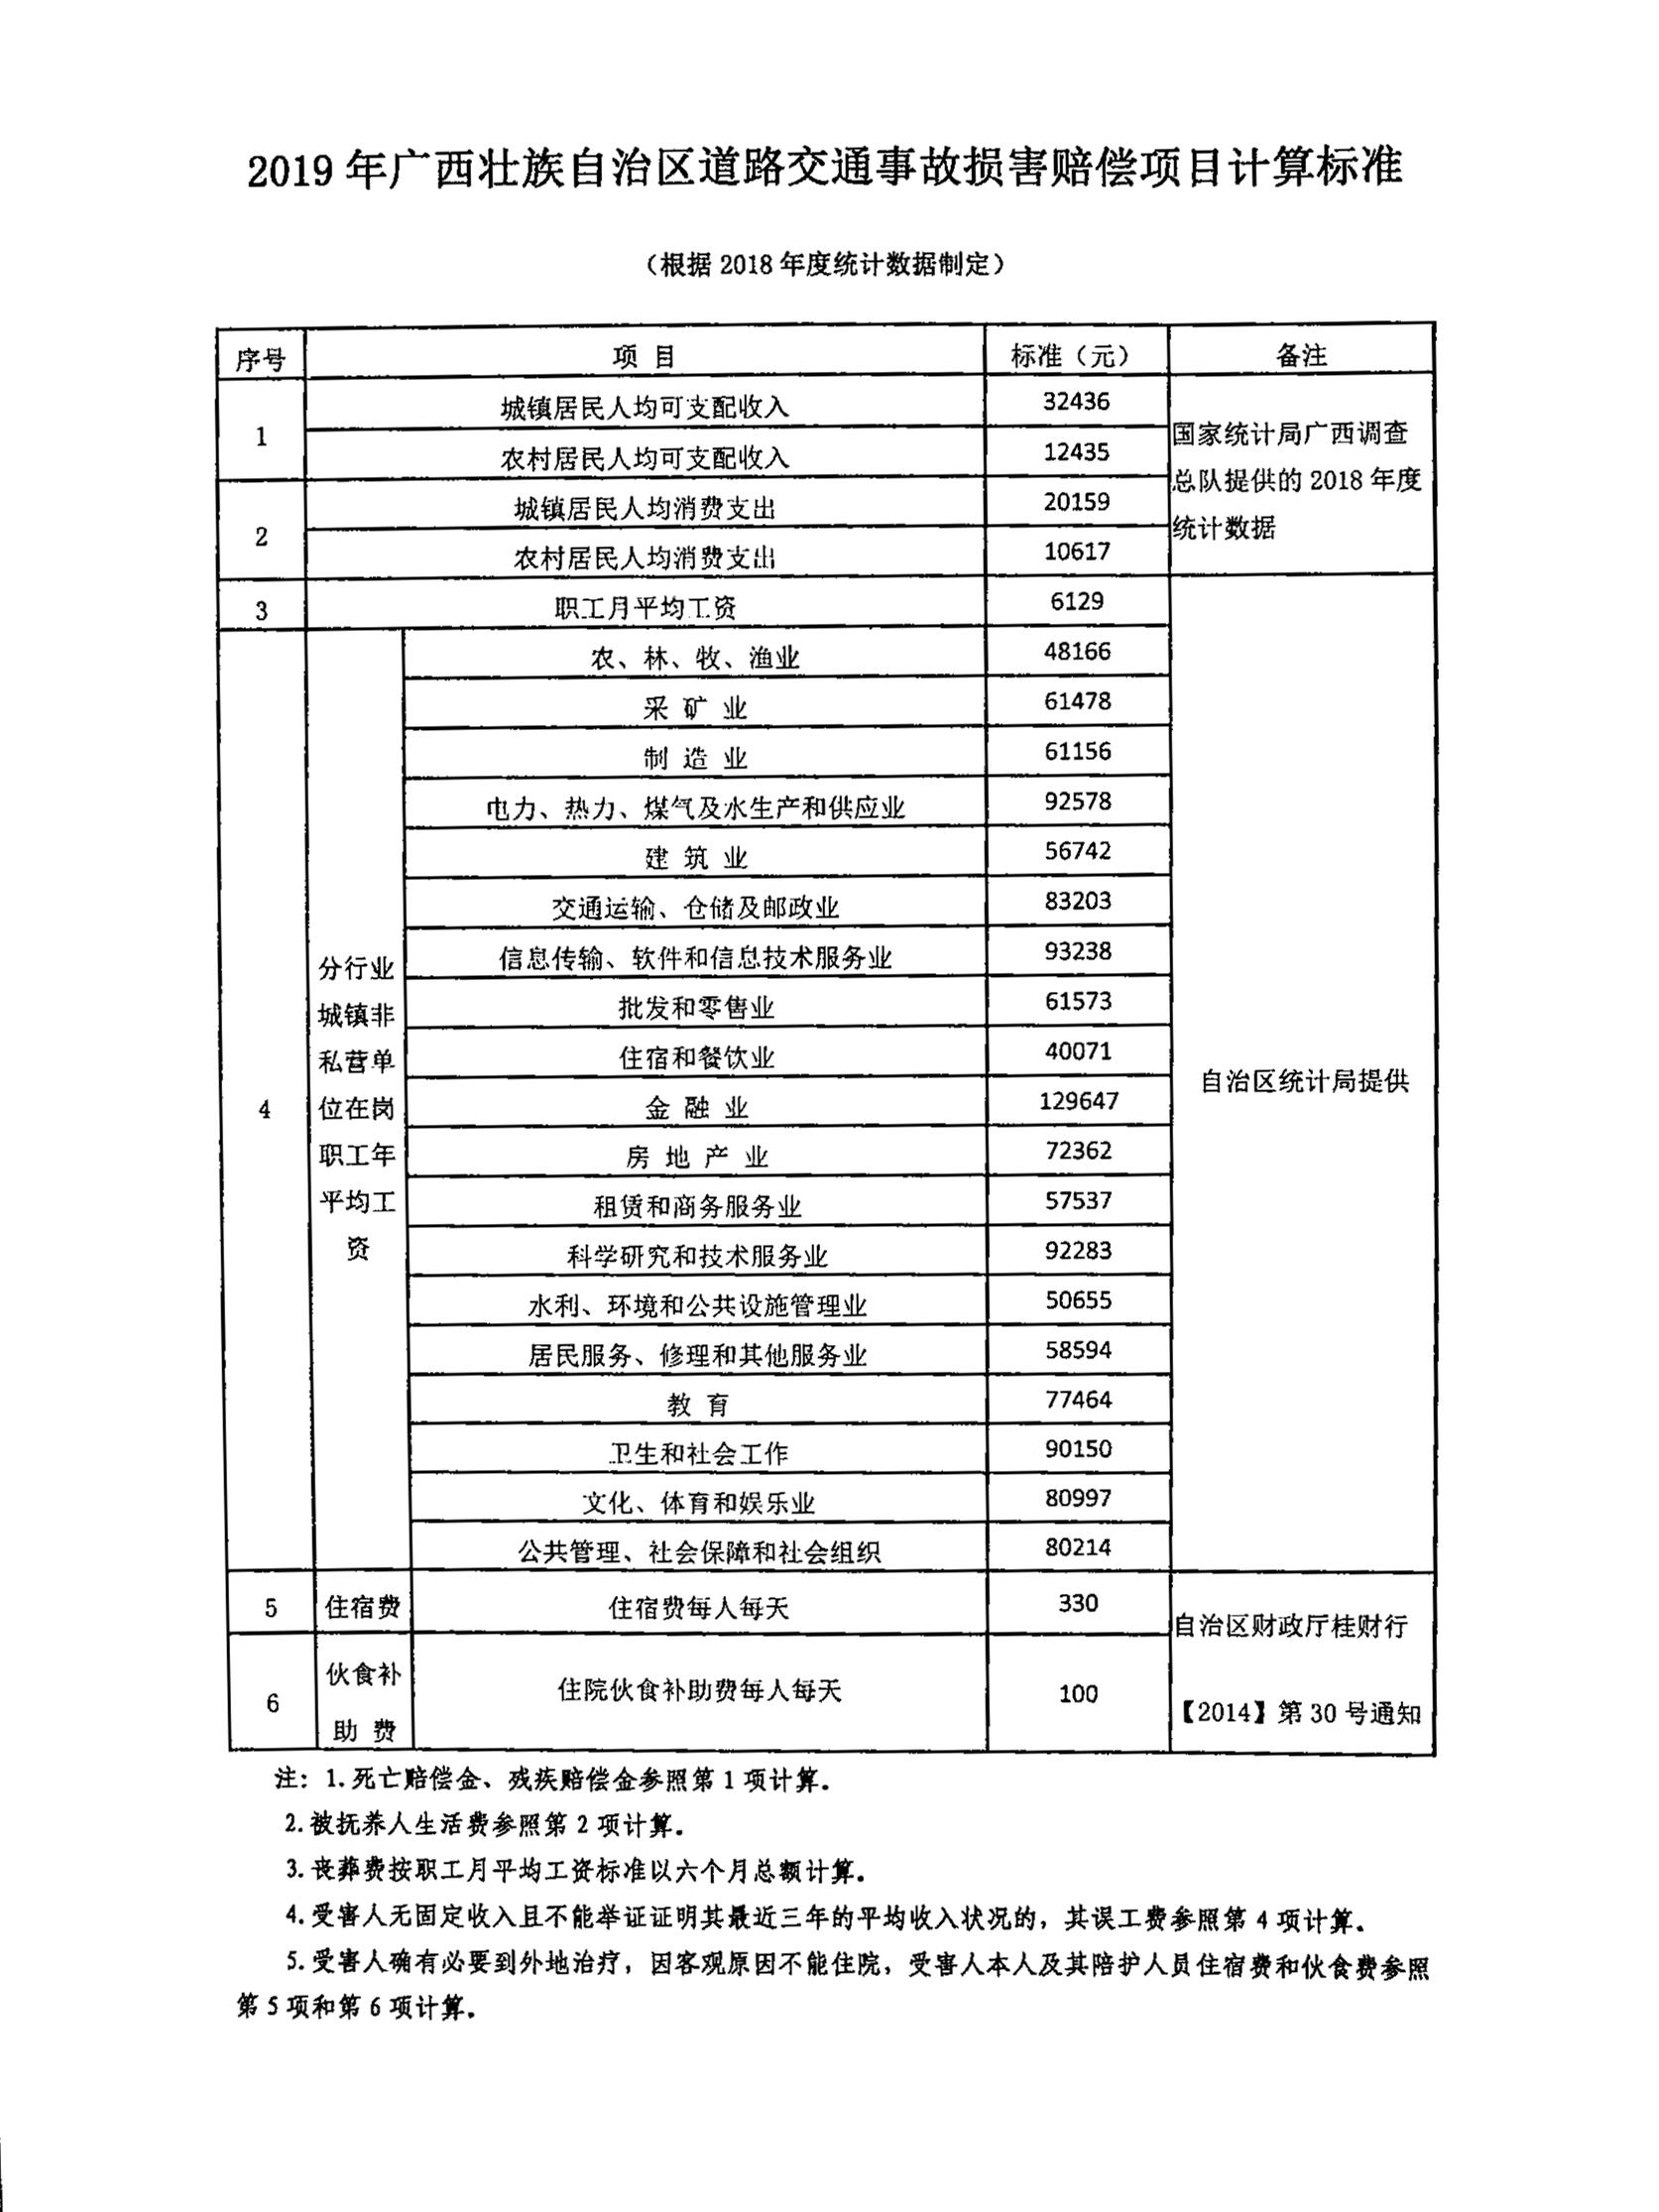 2019年广西壮族自治区道路交通事故损害赔偿项目计算标准.jpg